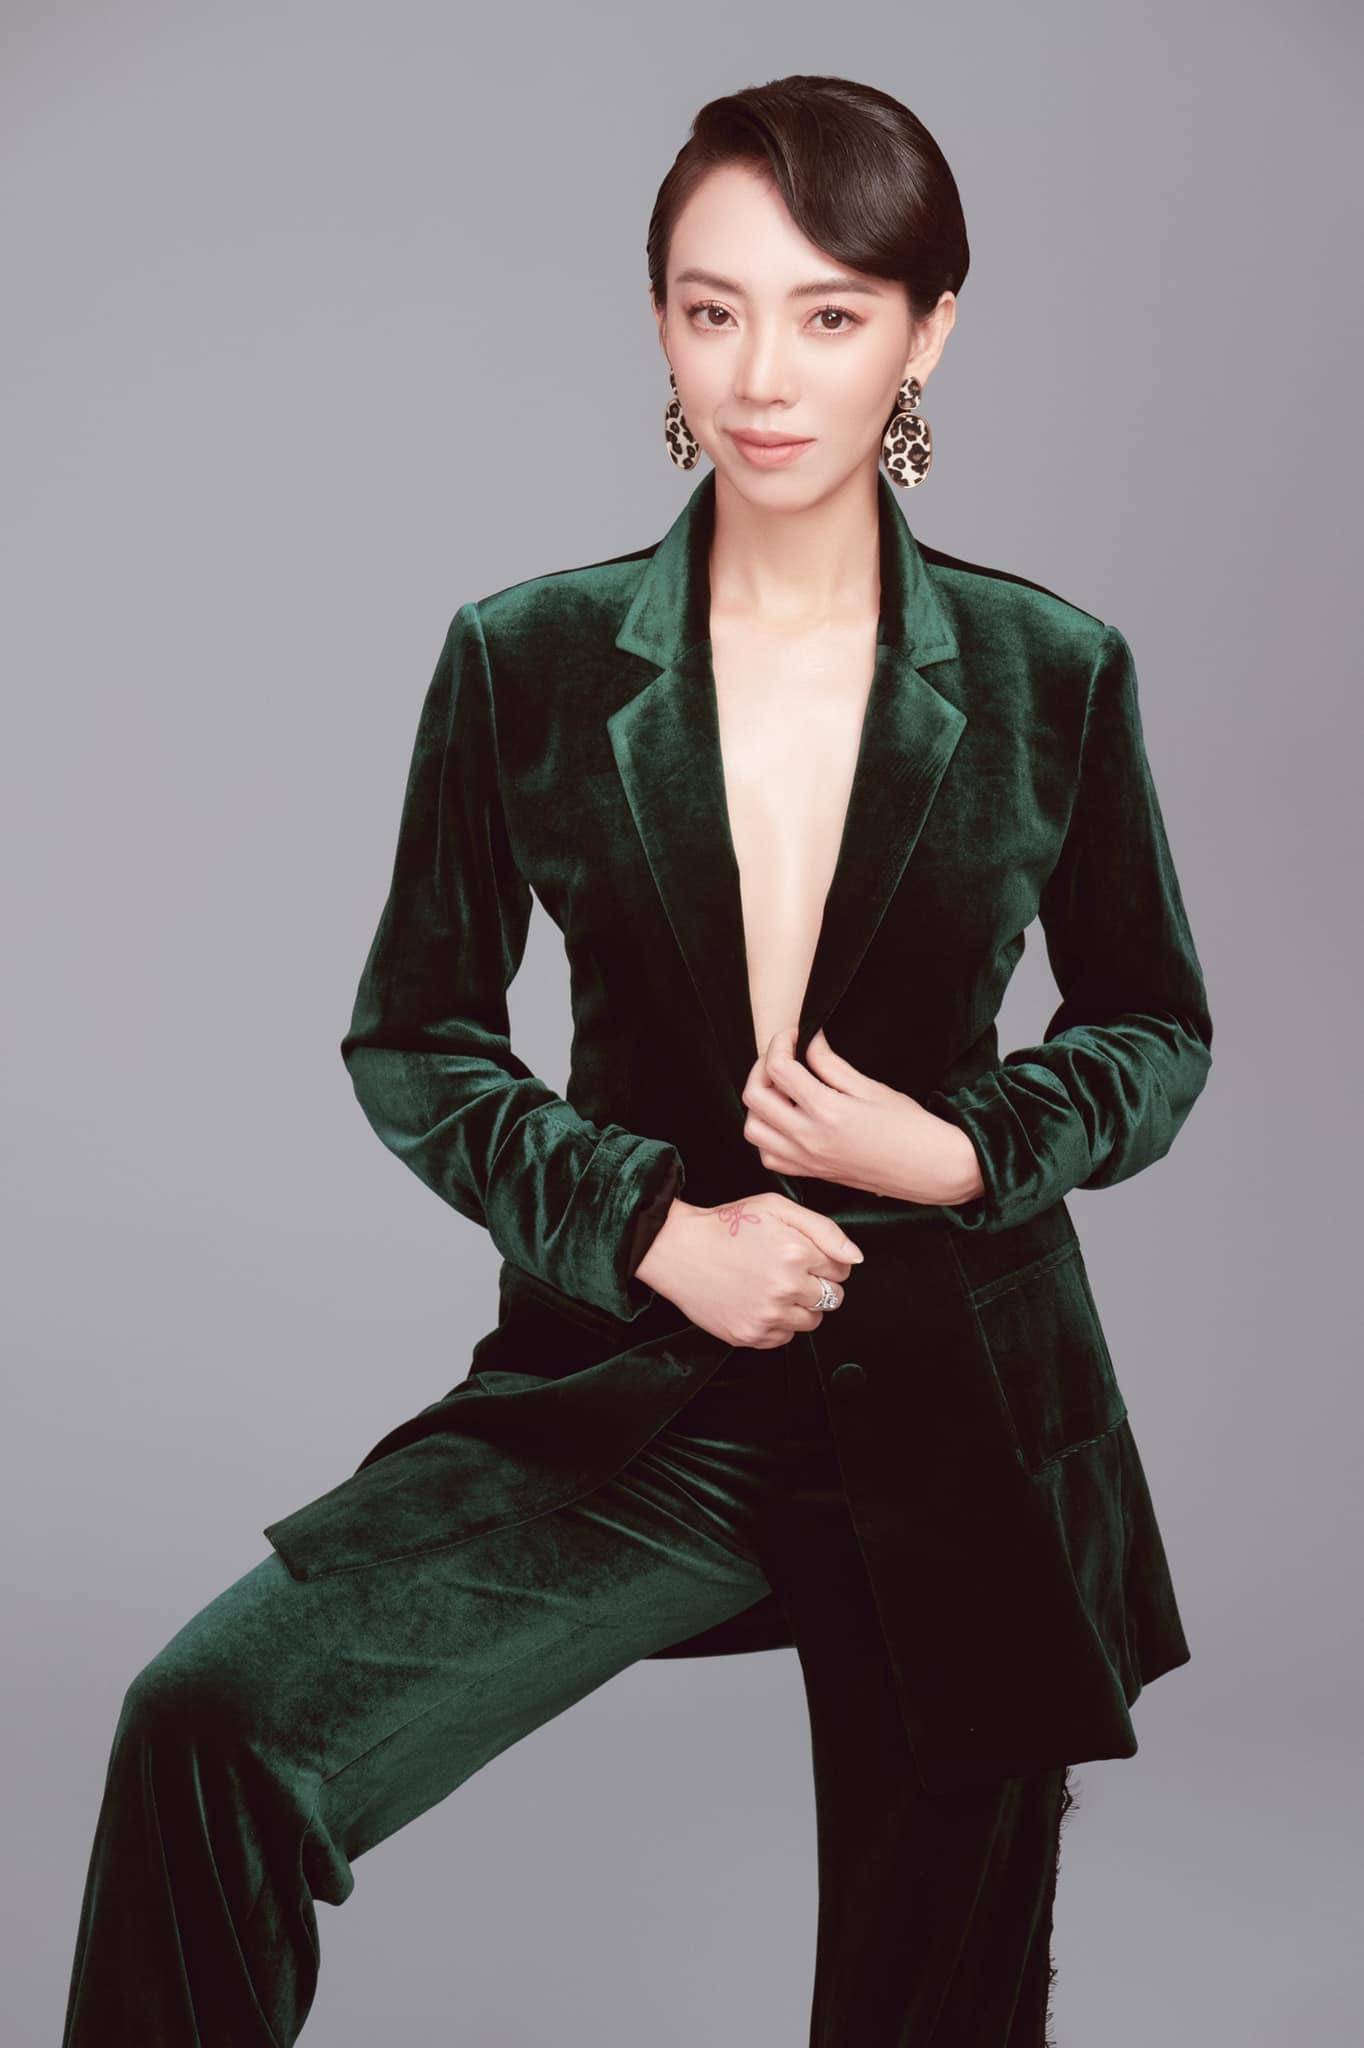 Thu Trang tiêm mỡ lên mặt, giờ trẻ đẹp đúng chuẩn Hoa hậu làng hài - 7